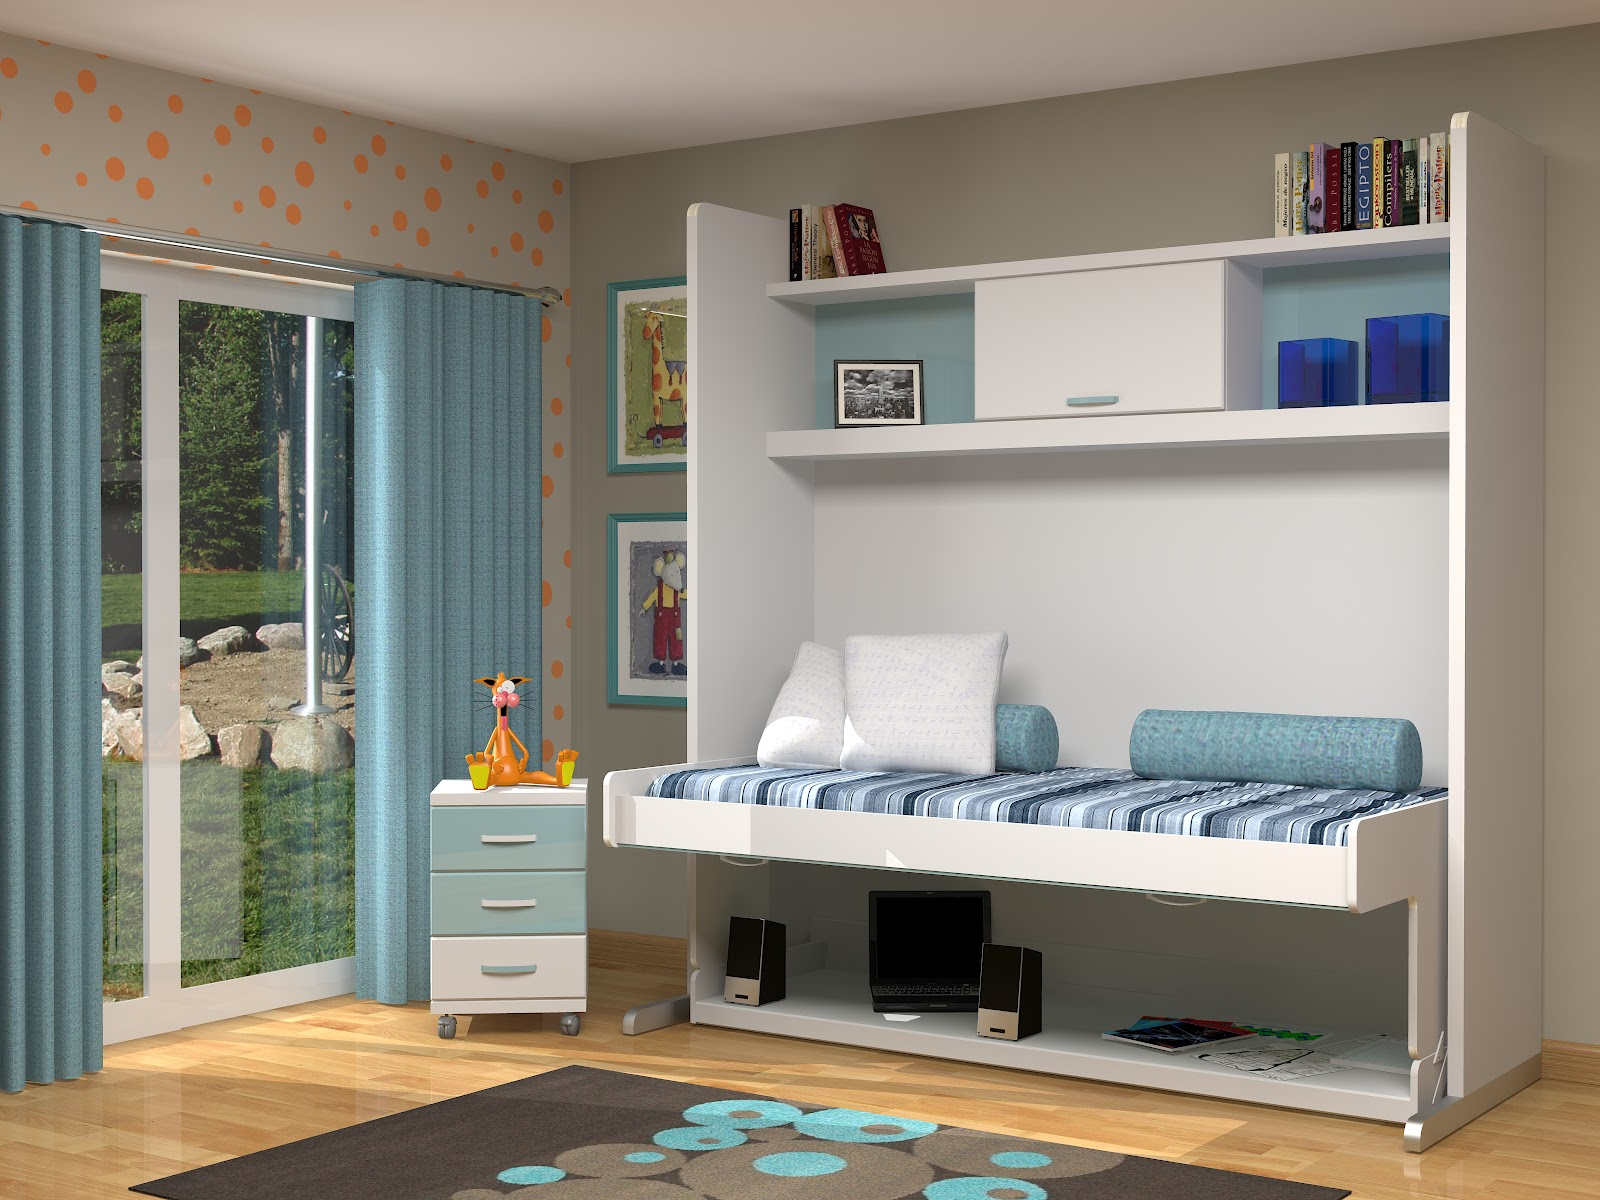 Camas abatibles en madrid camas abatibles toledo muebles parchis habitaciones para j venes - Mueble cama ikea ...